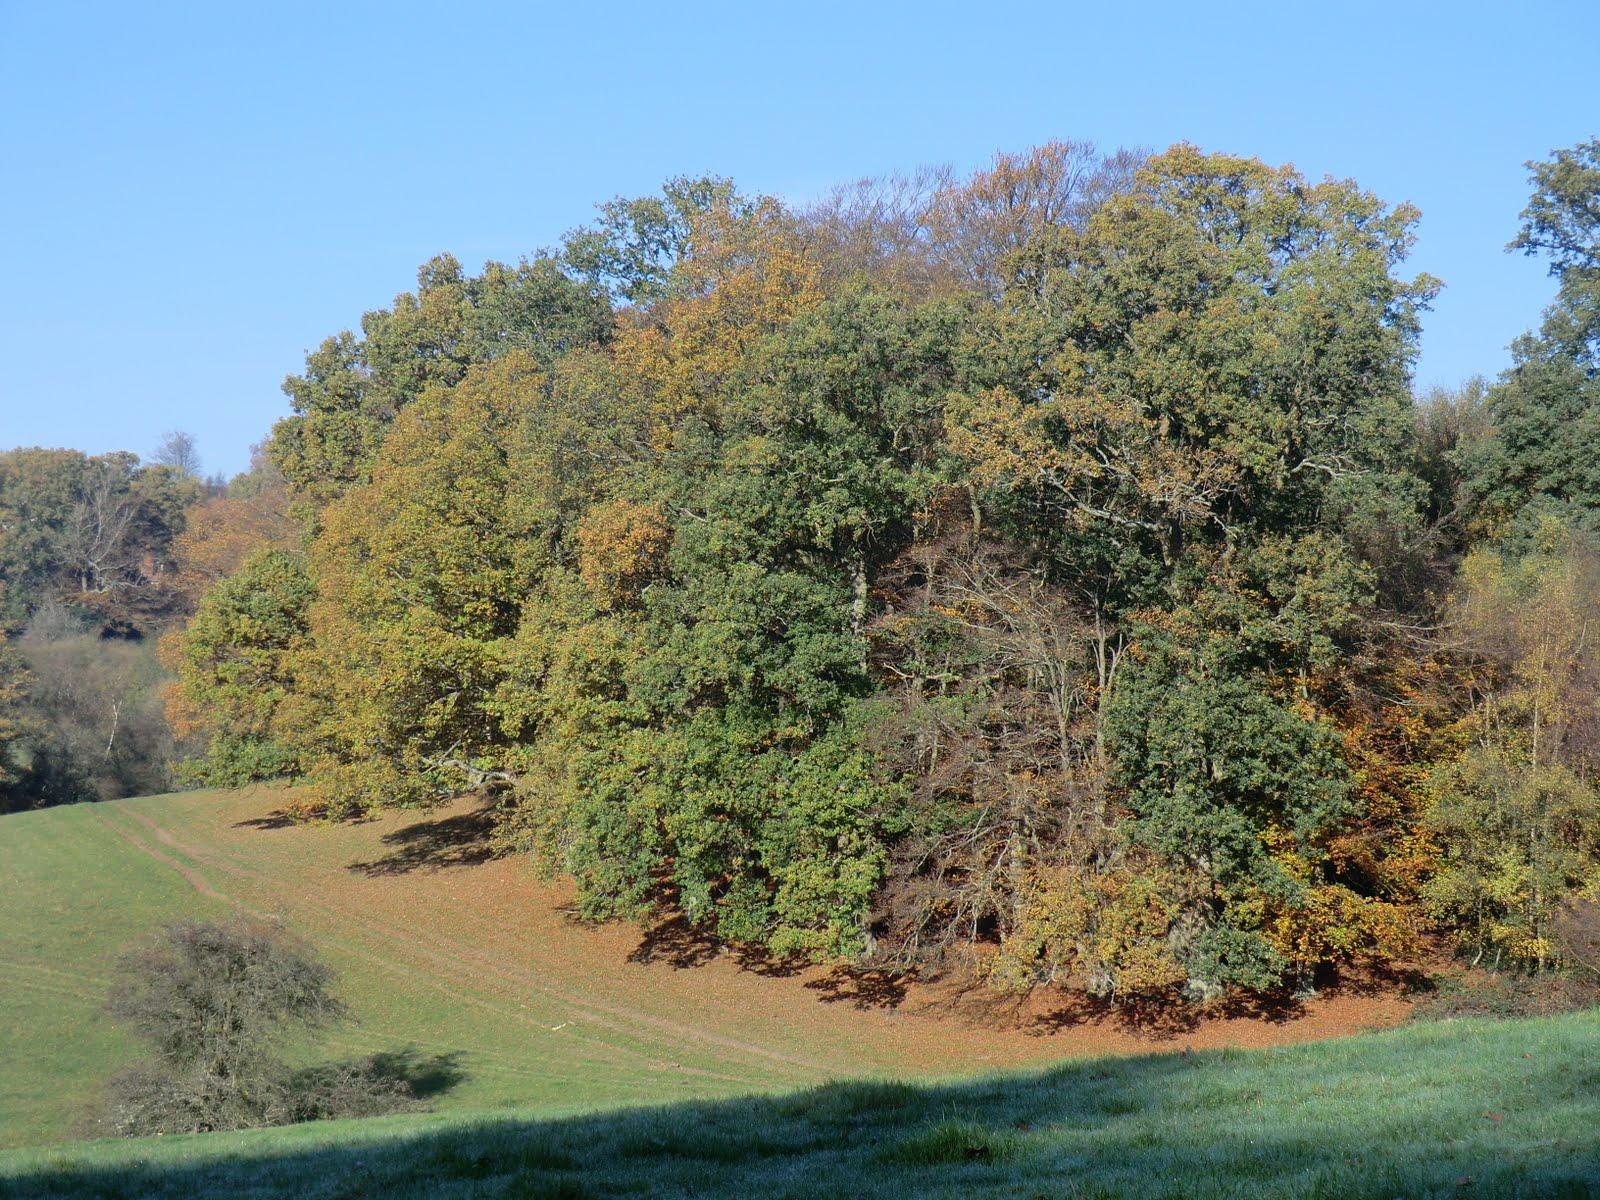 CIMG0276 Wealden view near Chiddingstone Hoath, autumn